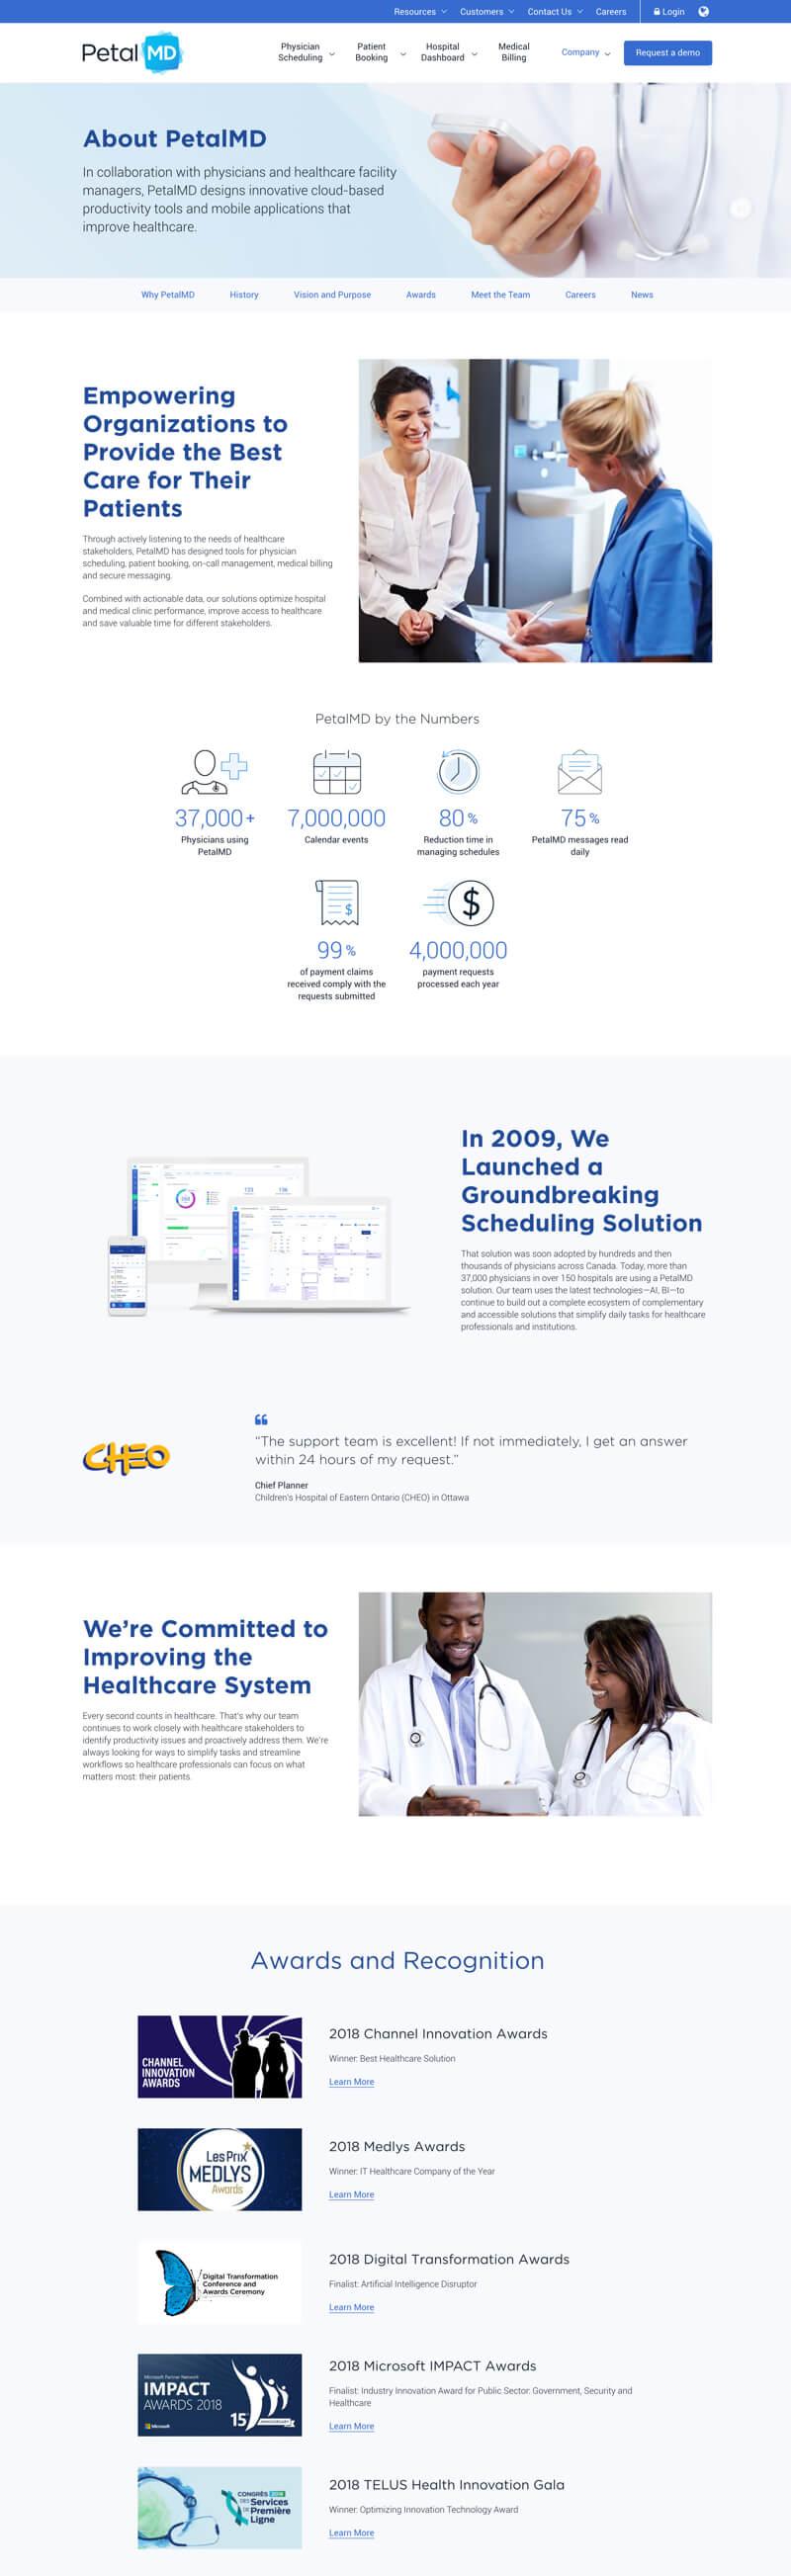 PetalMD website design